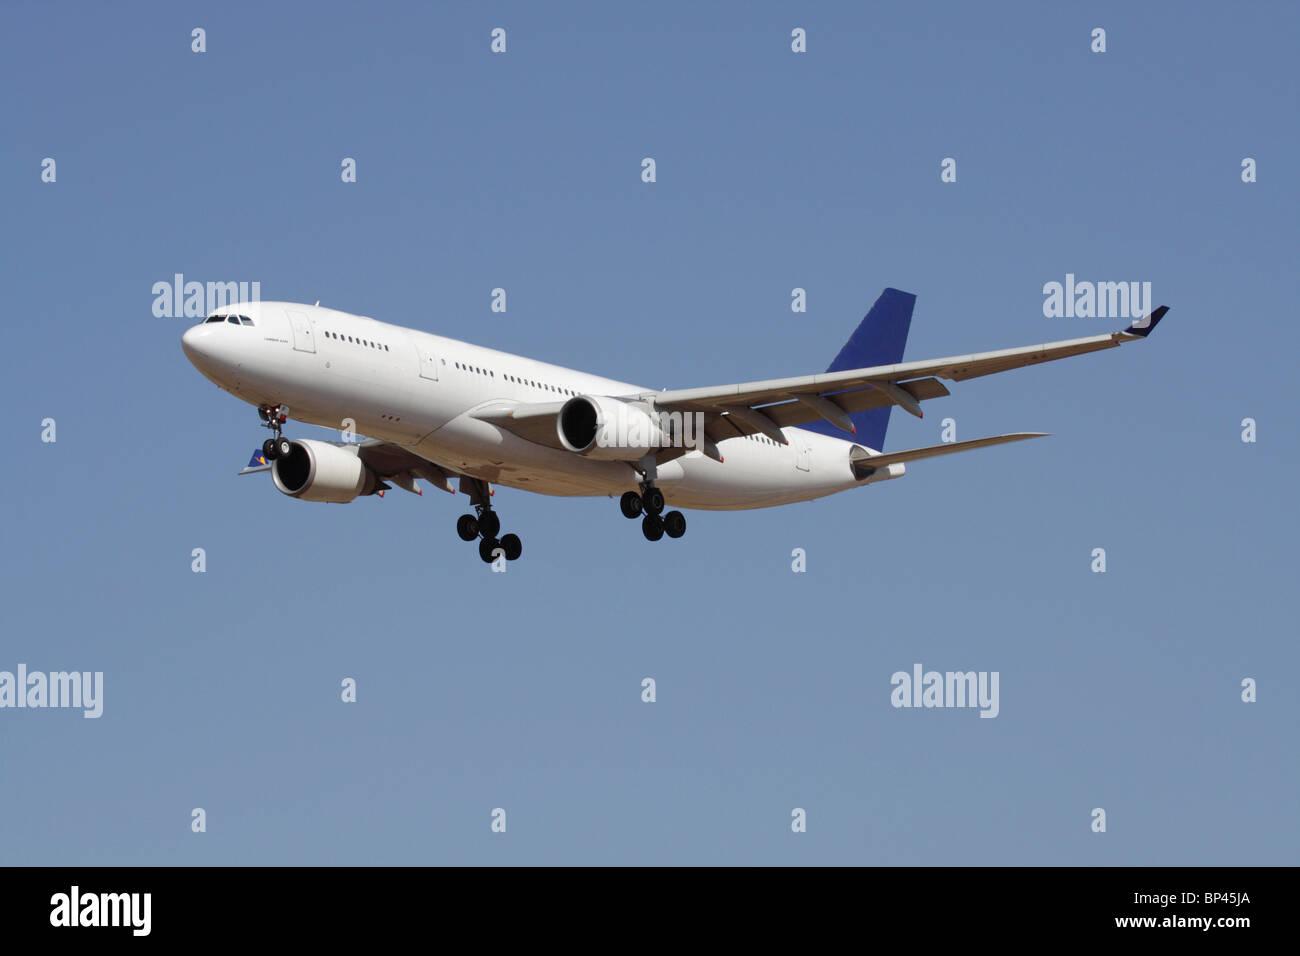 Kommerzielle Luftfahrt. Airbus A330 Long Haul widebody Pkw Flugzeug im Flug vor blauem Himmel. Keine Lackierung Stockbild